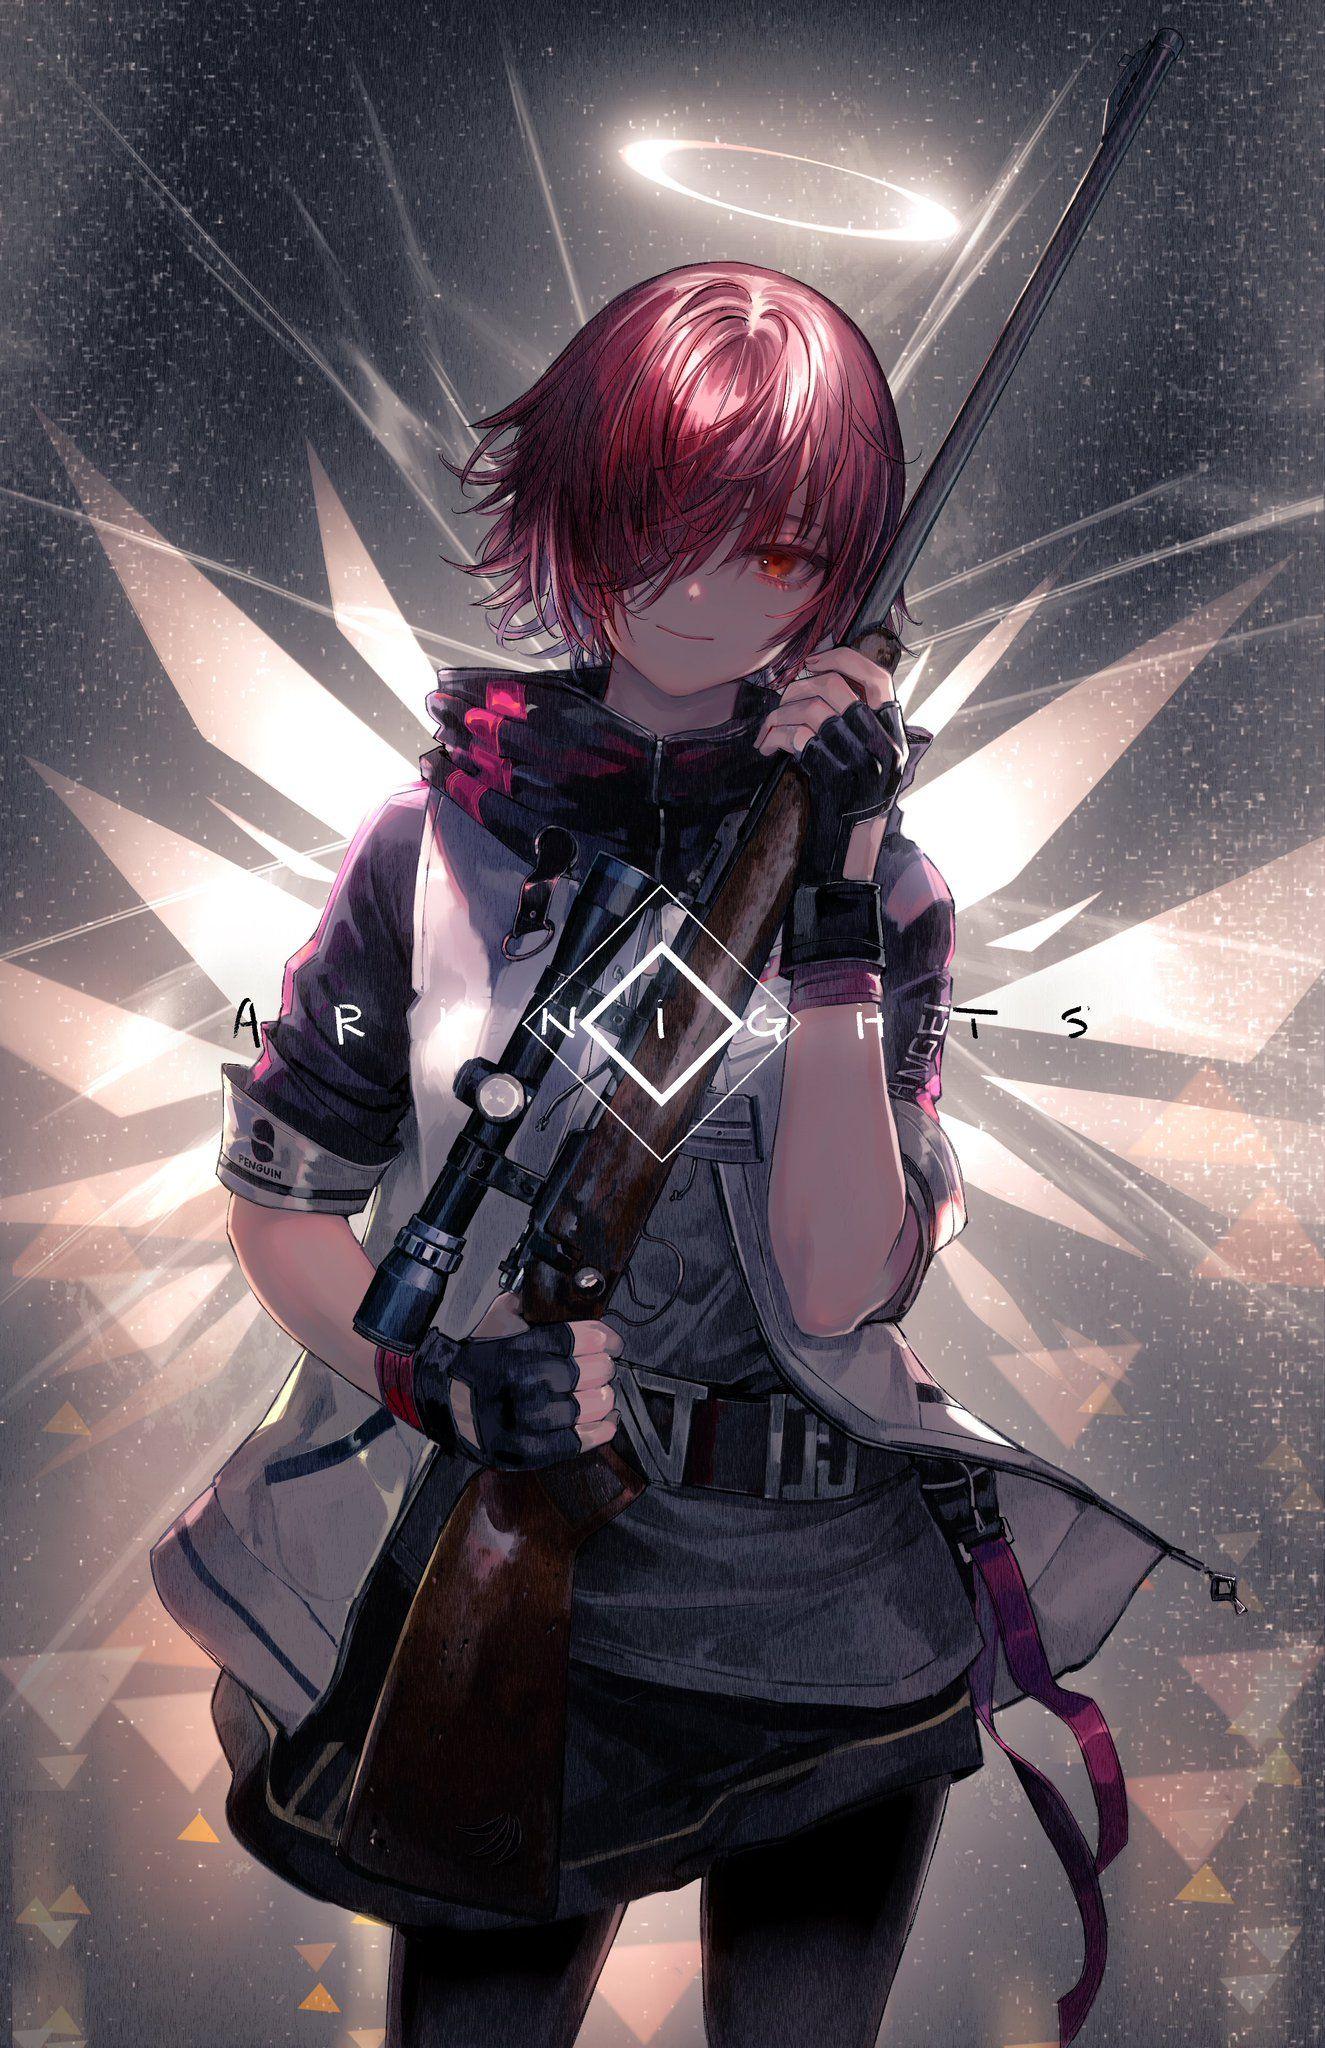 鵜飼沙樹 on in 2020 Anime, Anime neko, Cute anime pics